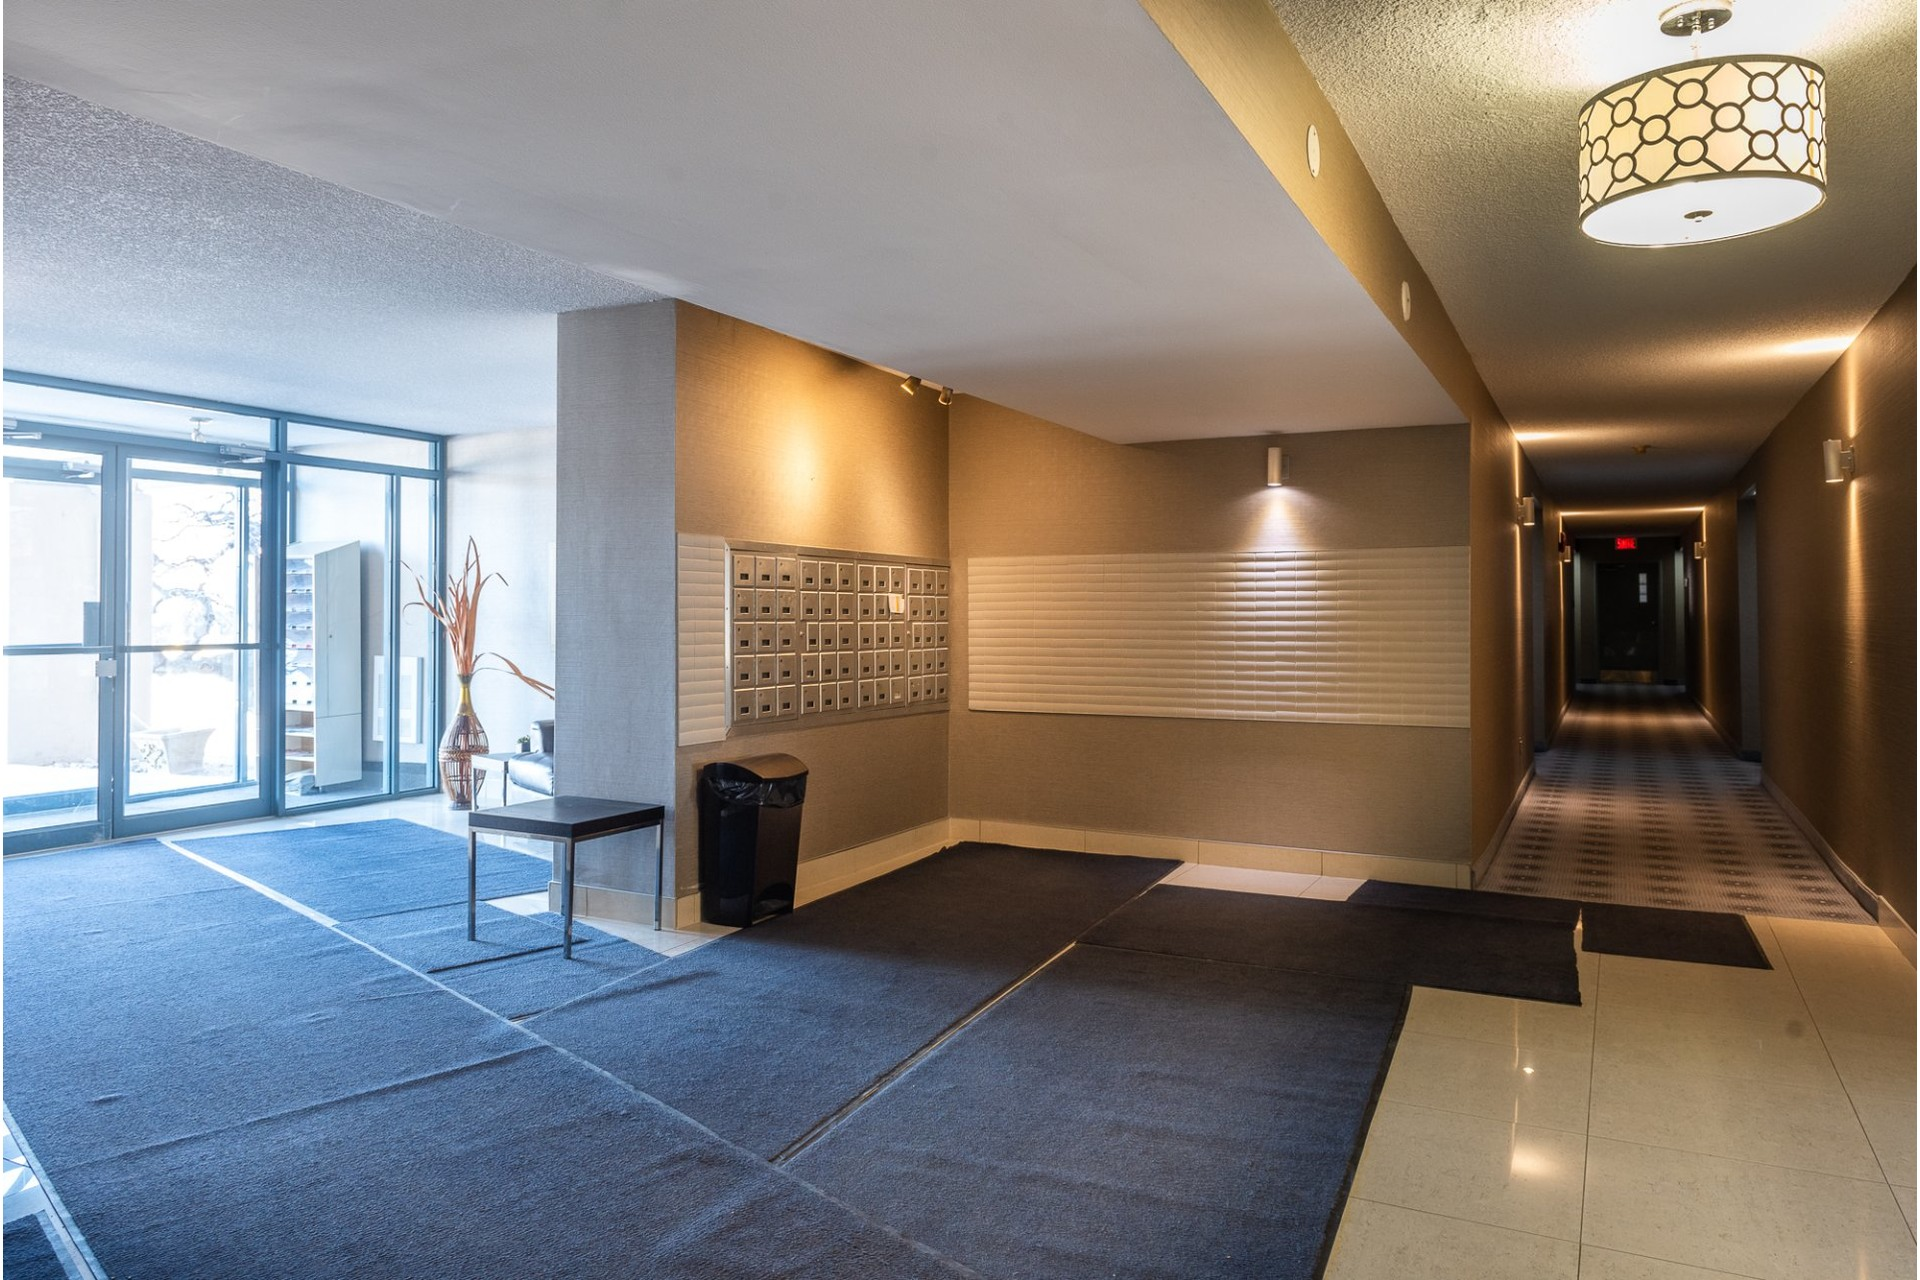 image 2 - Apartment For sale Montréal Saint-Laurent  - 5 rooms